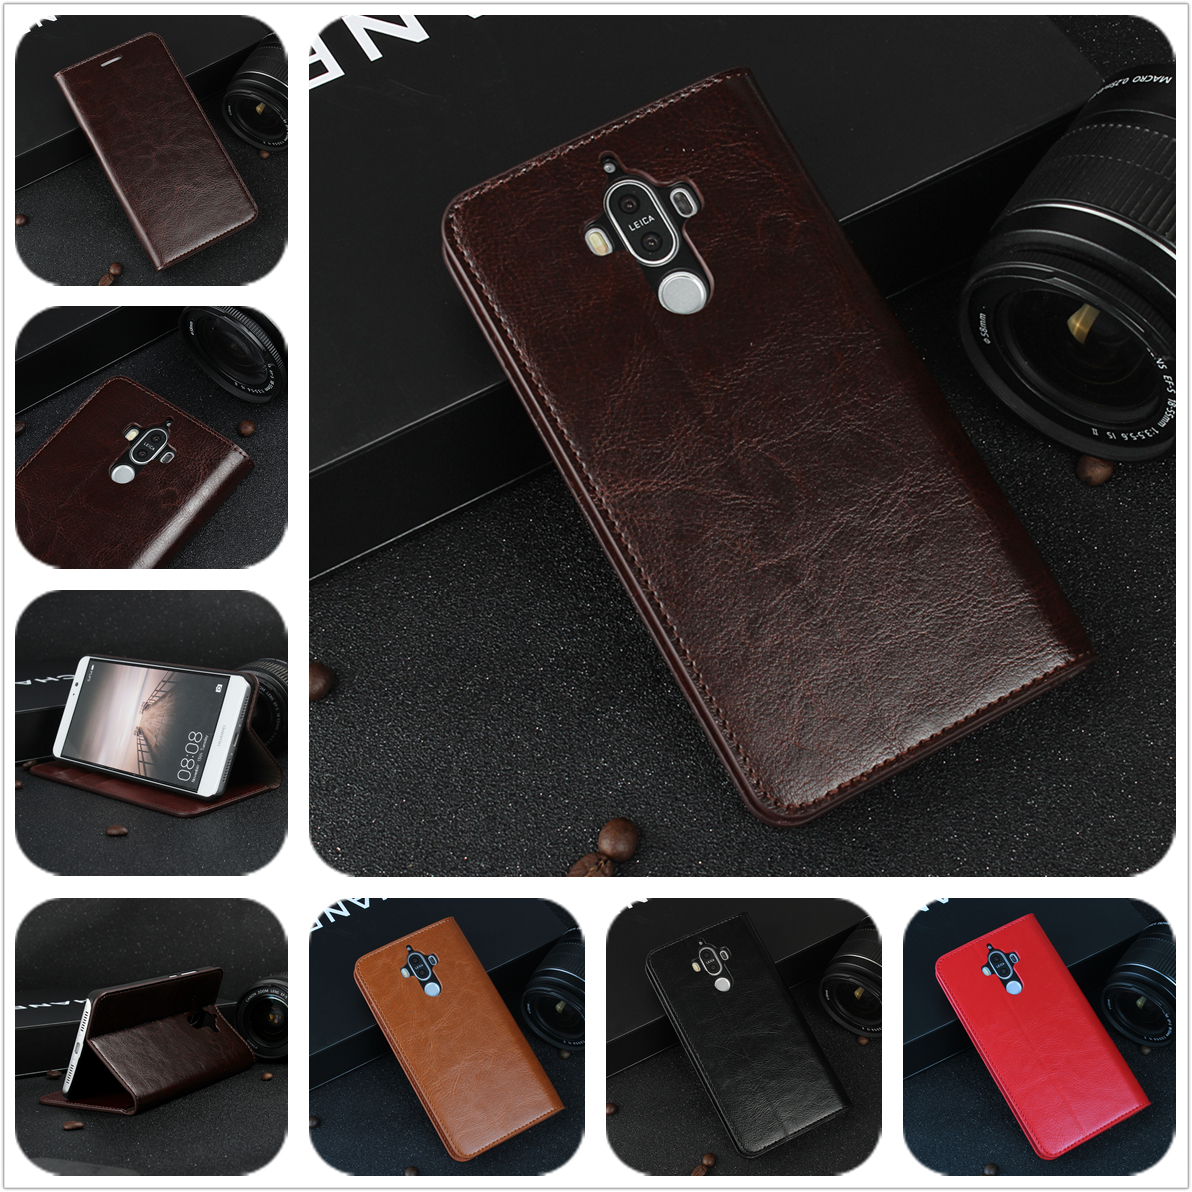 imágenes para De lujo Caja de la Carpeta para Huawei Ascend Mate 9 premium funda de piel Cubierta Del Tirón para Huawei Mate 9 Bolsos Del Teléfono